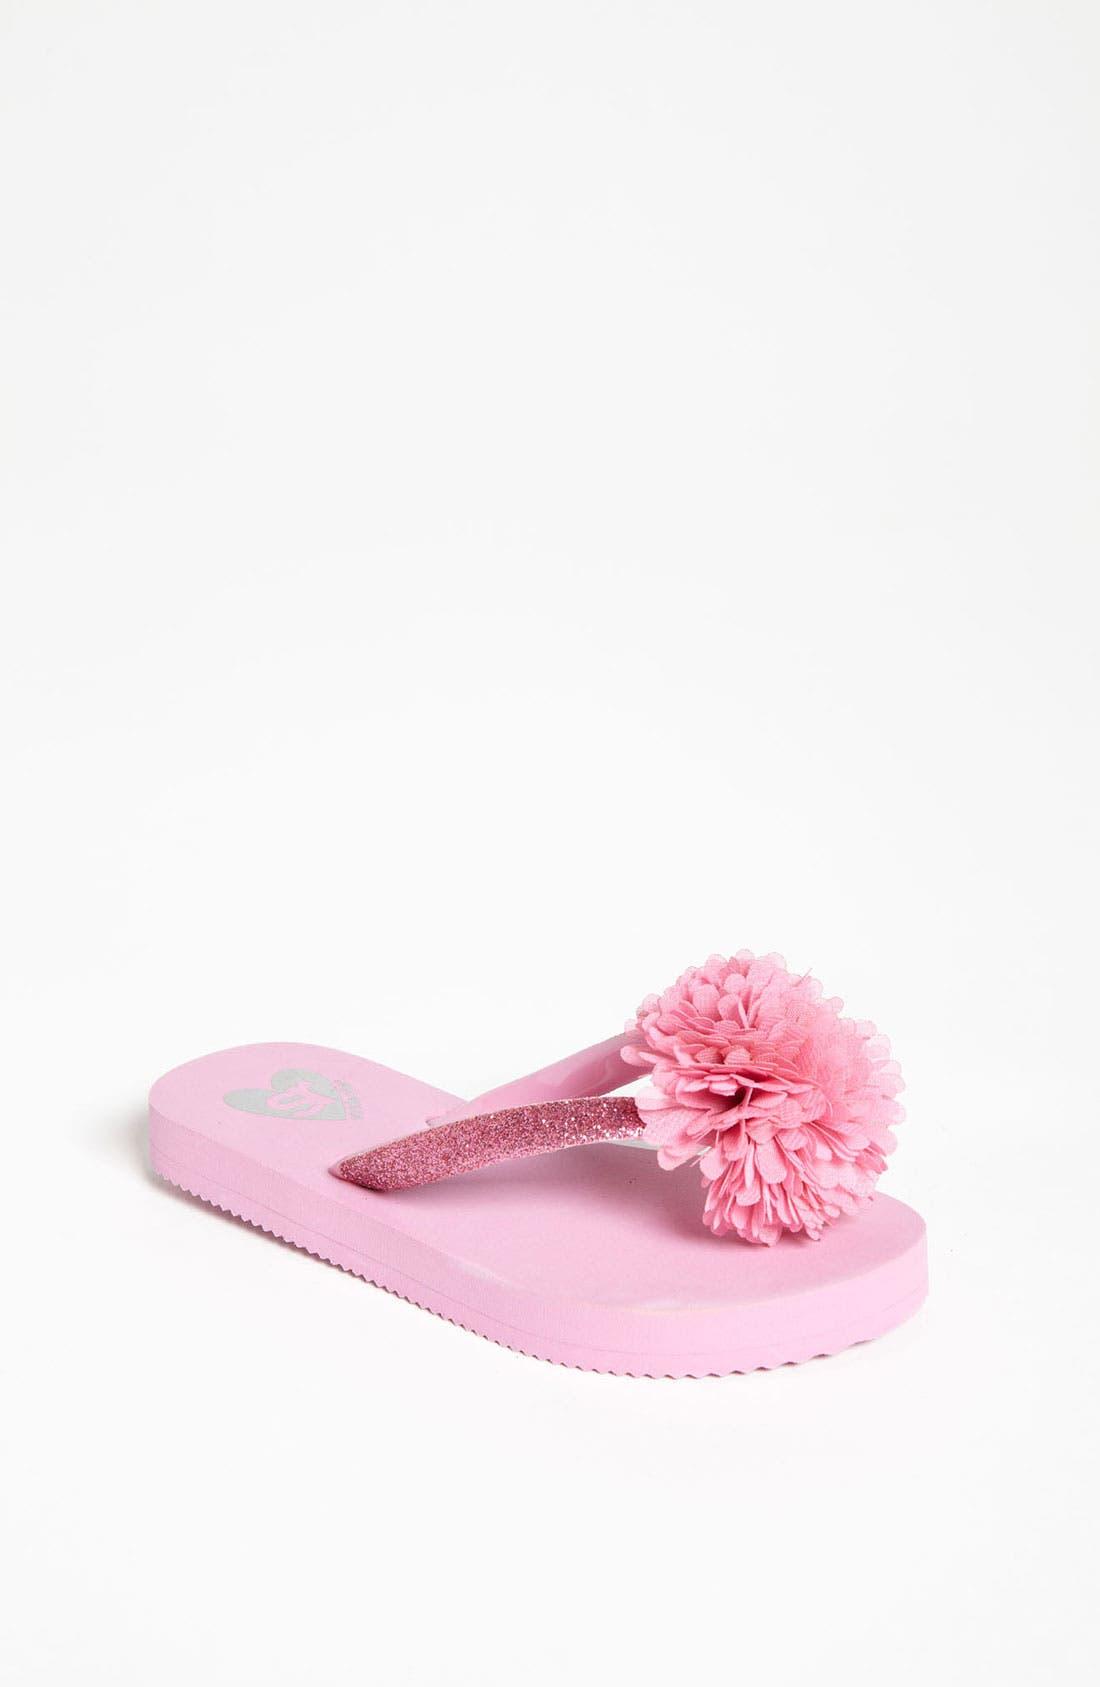 Alternate Image 1 Selected - Stride Rite 'Stella' Sandal (Toddler & Little Kid)